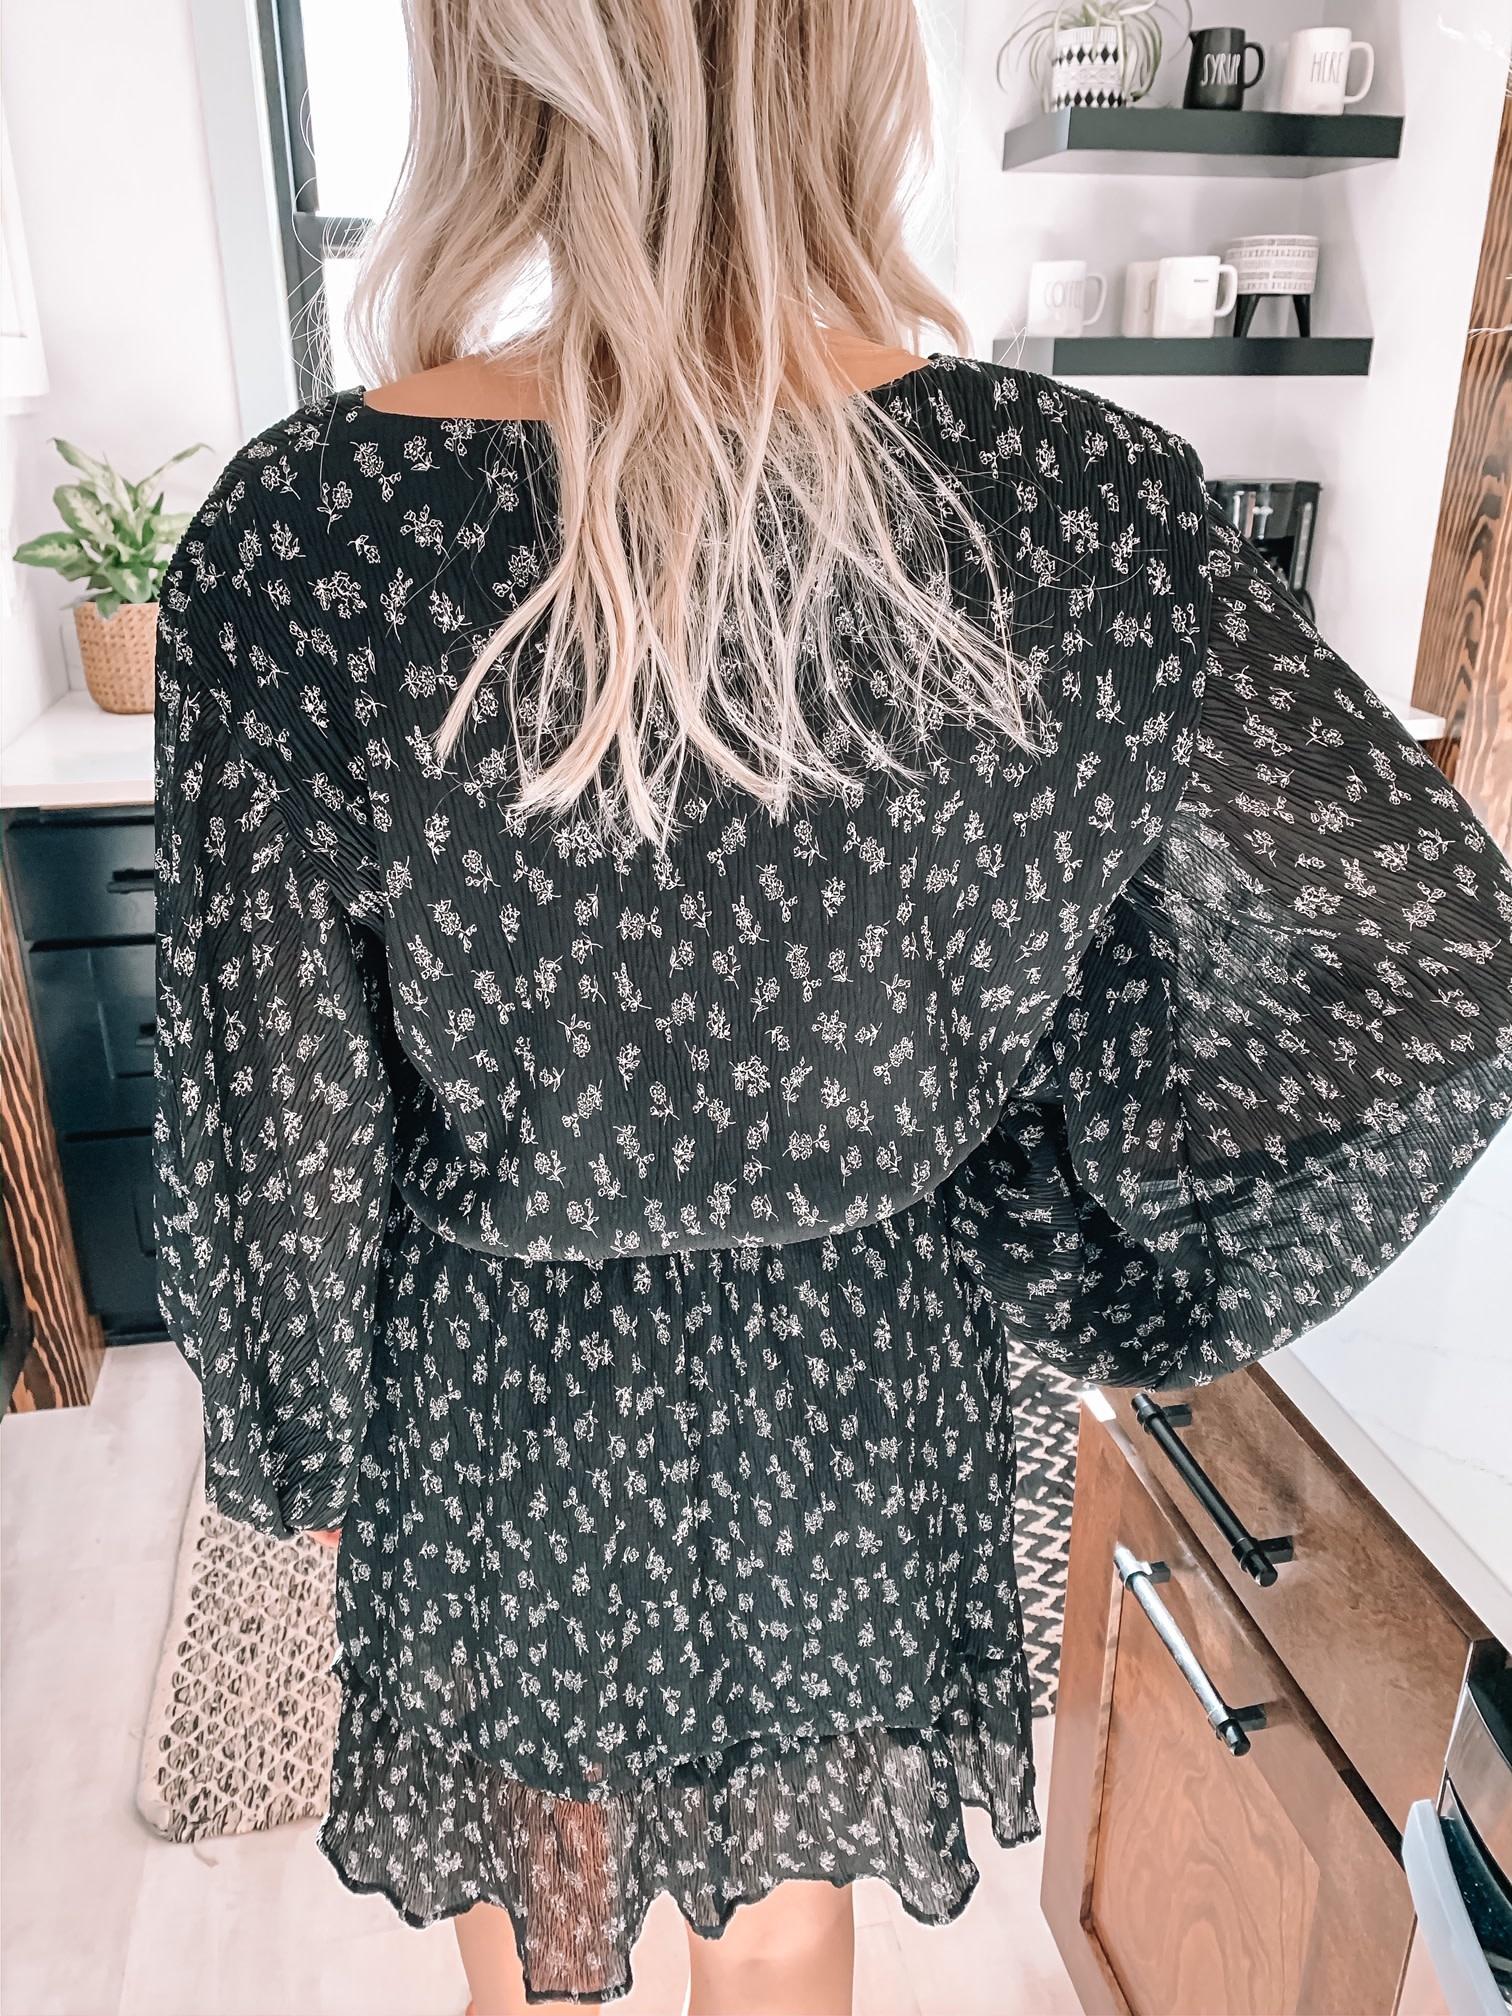 Adele Black Floral Dress